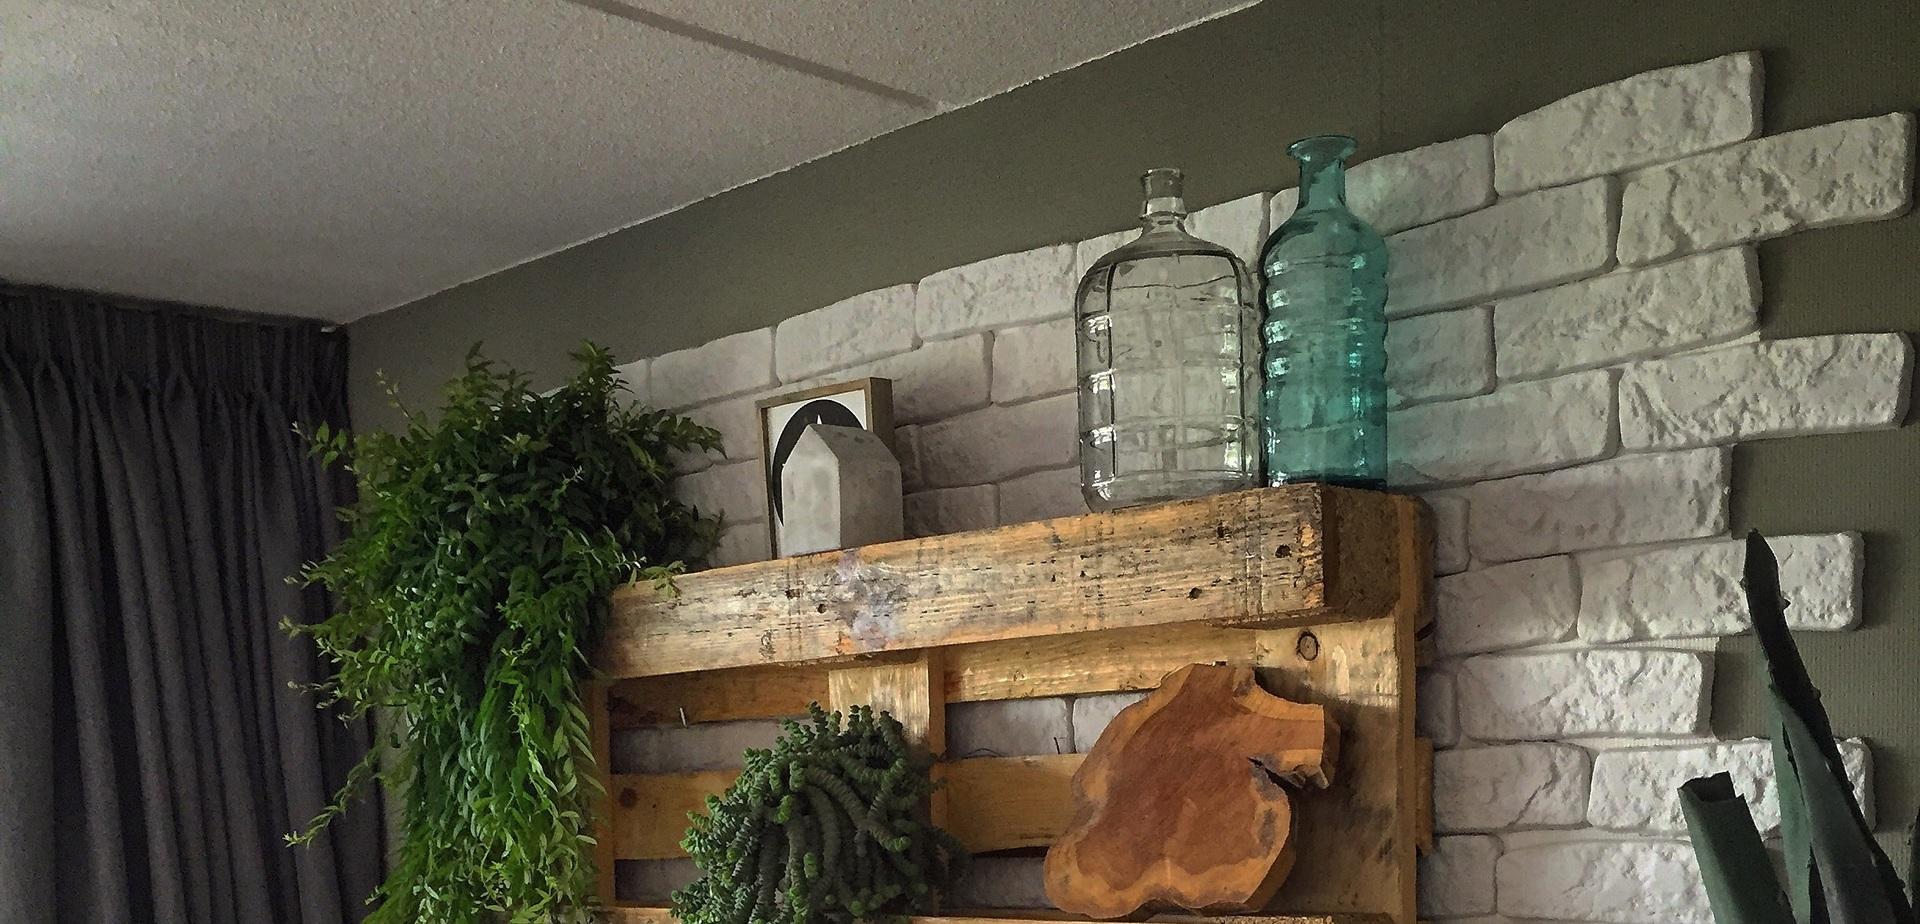 wanddecoratie pallet voordemakersnl